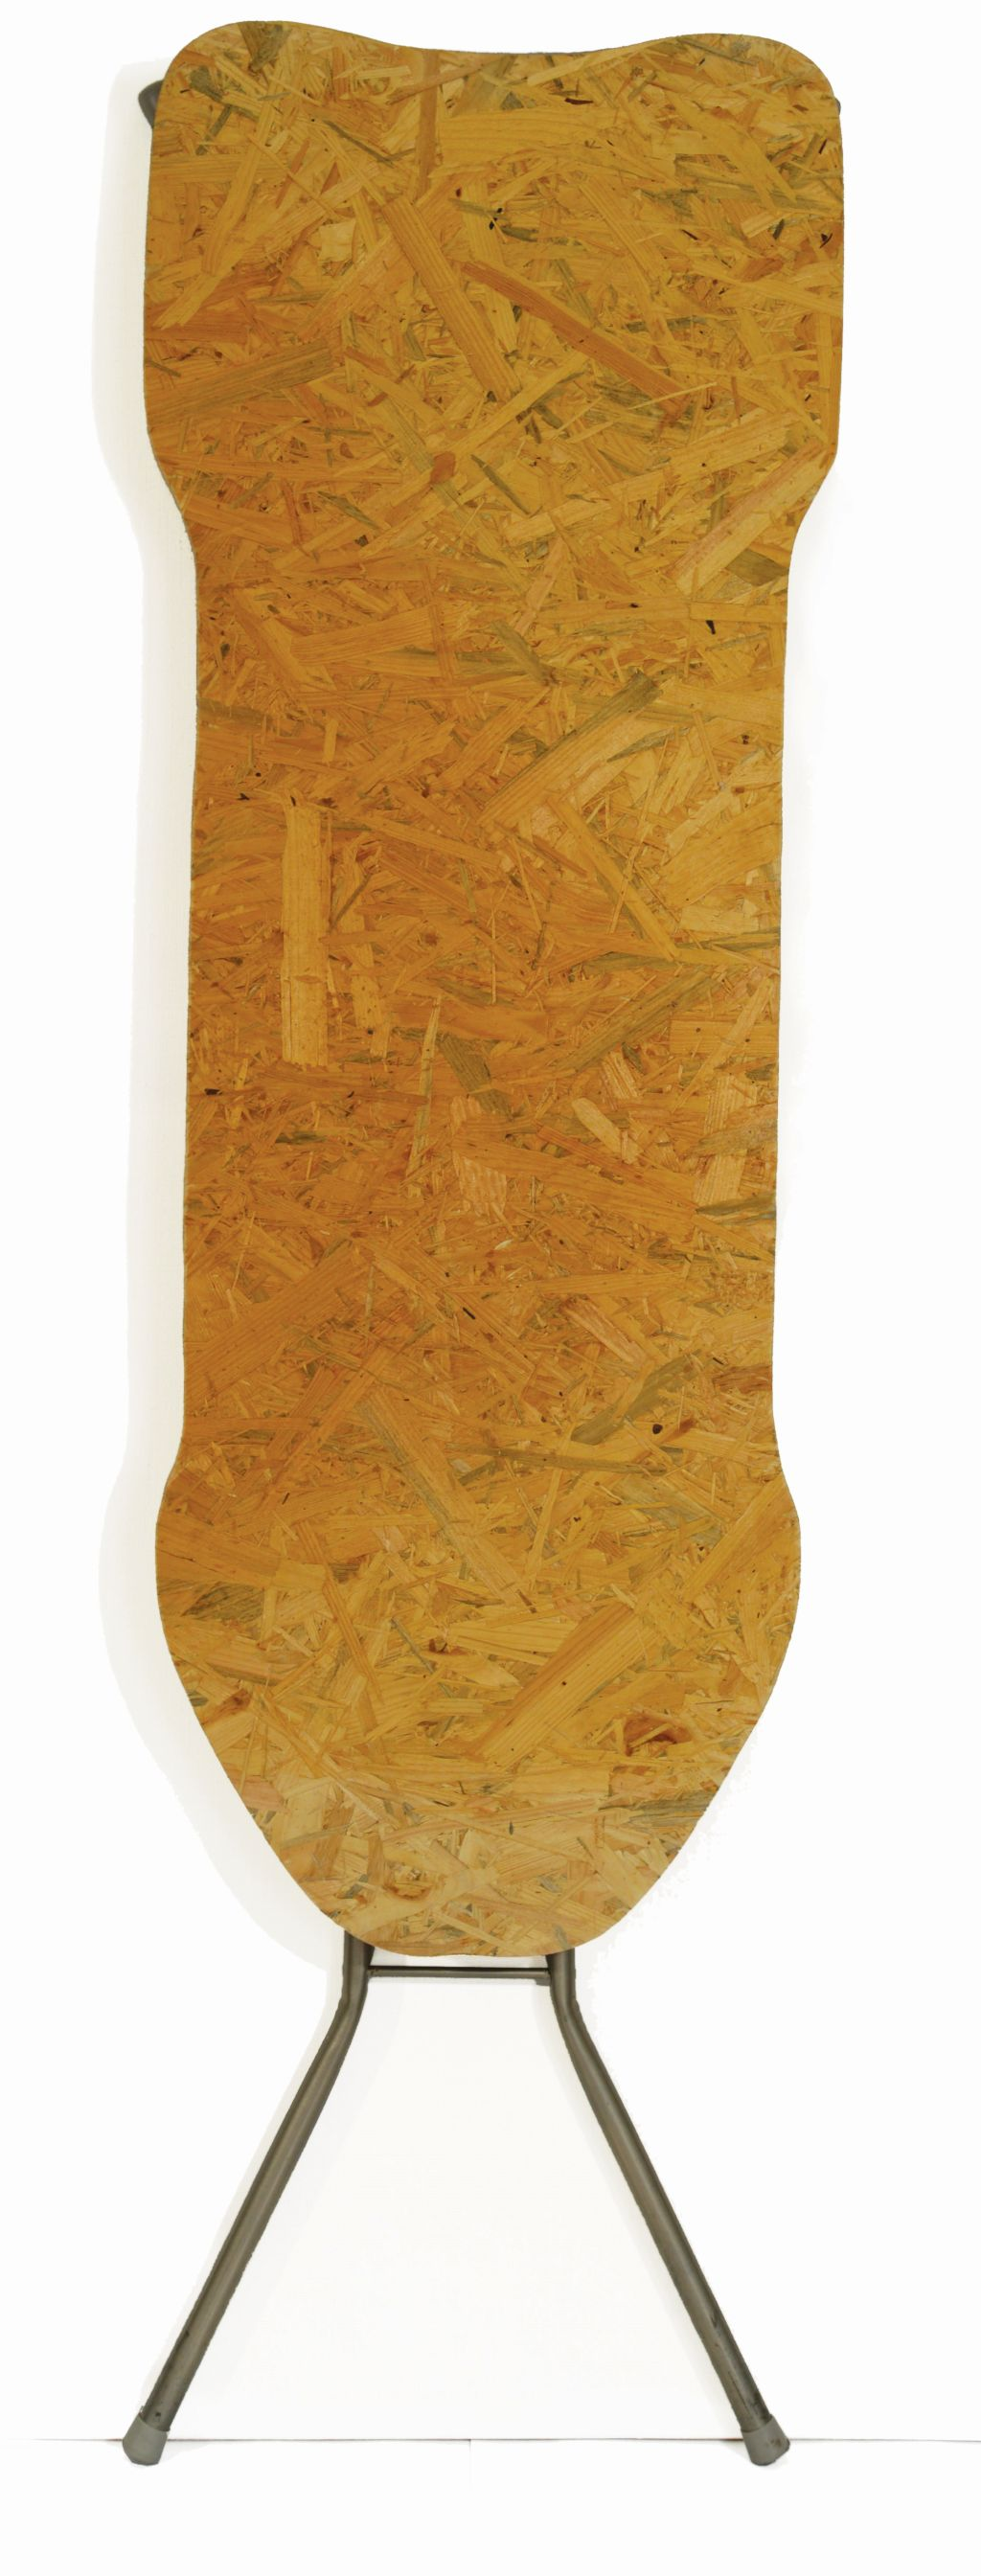 IRONIc, averes, drewno, stelaż metalowy, 120 cm, 2016